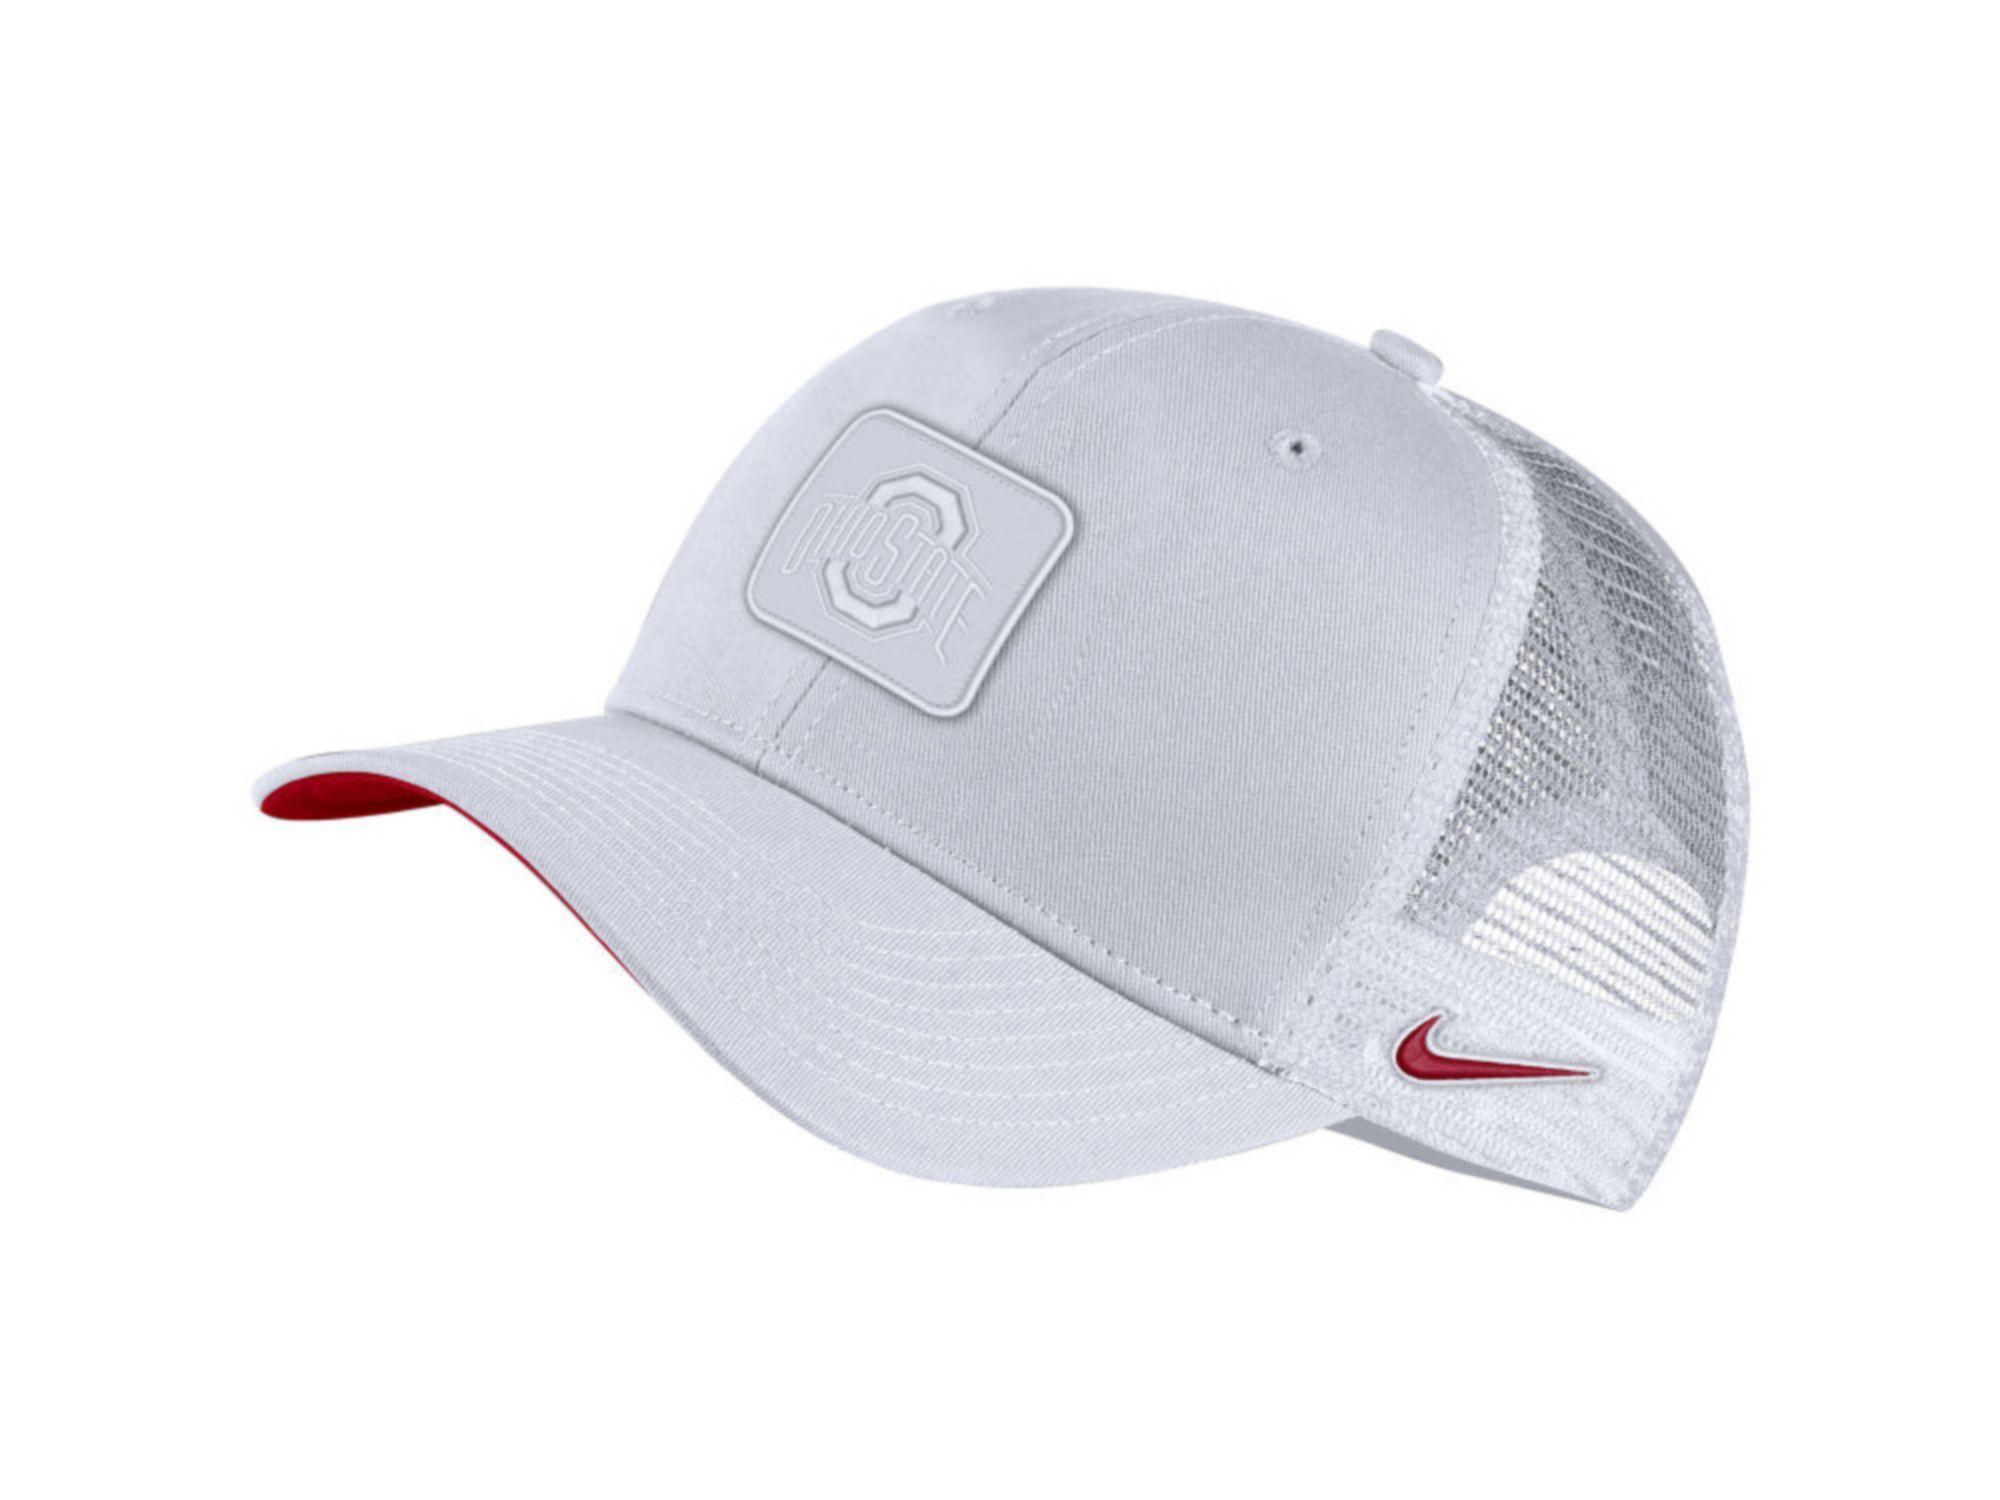 Nike Ohio State Buckeyes Patch Trucker Cap & Reviews - NCAA - Sports Fan Shop - Macy's